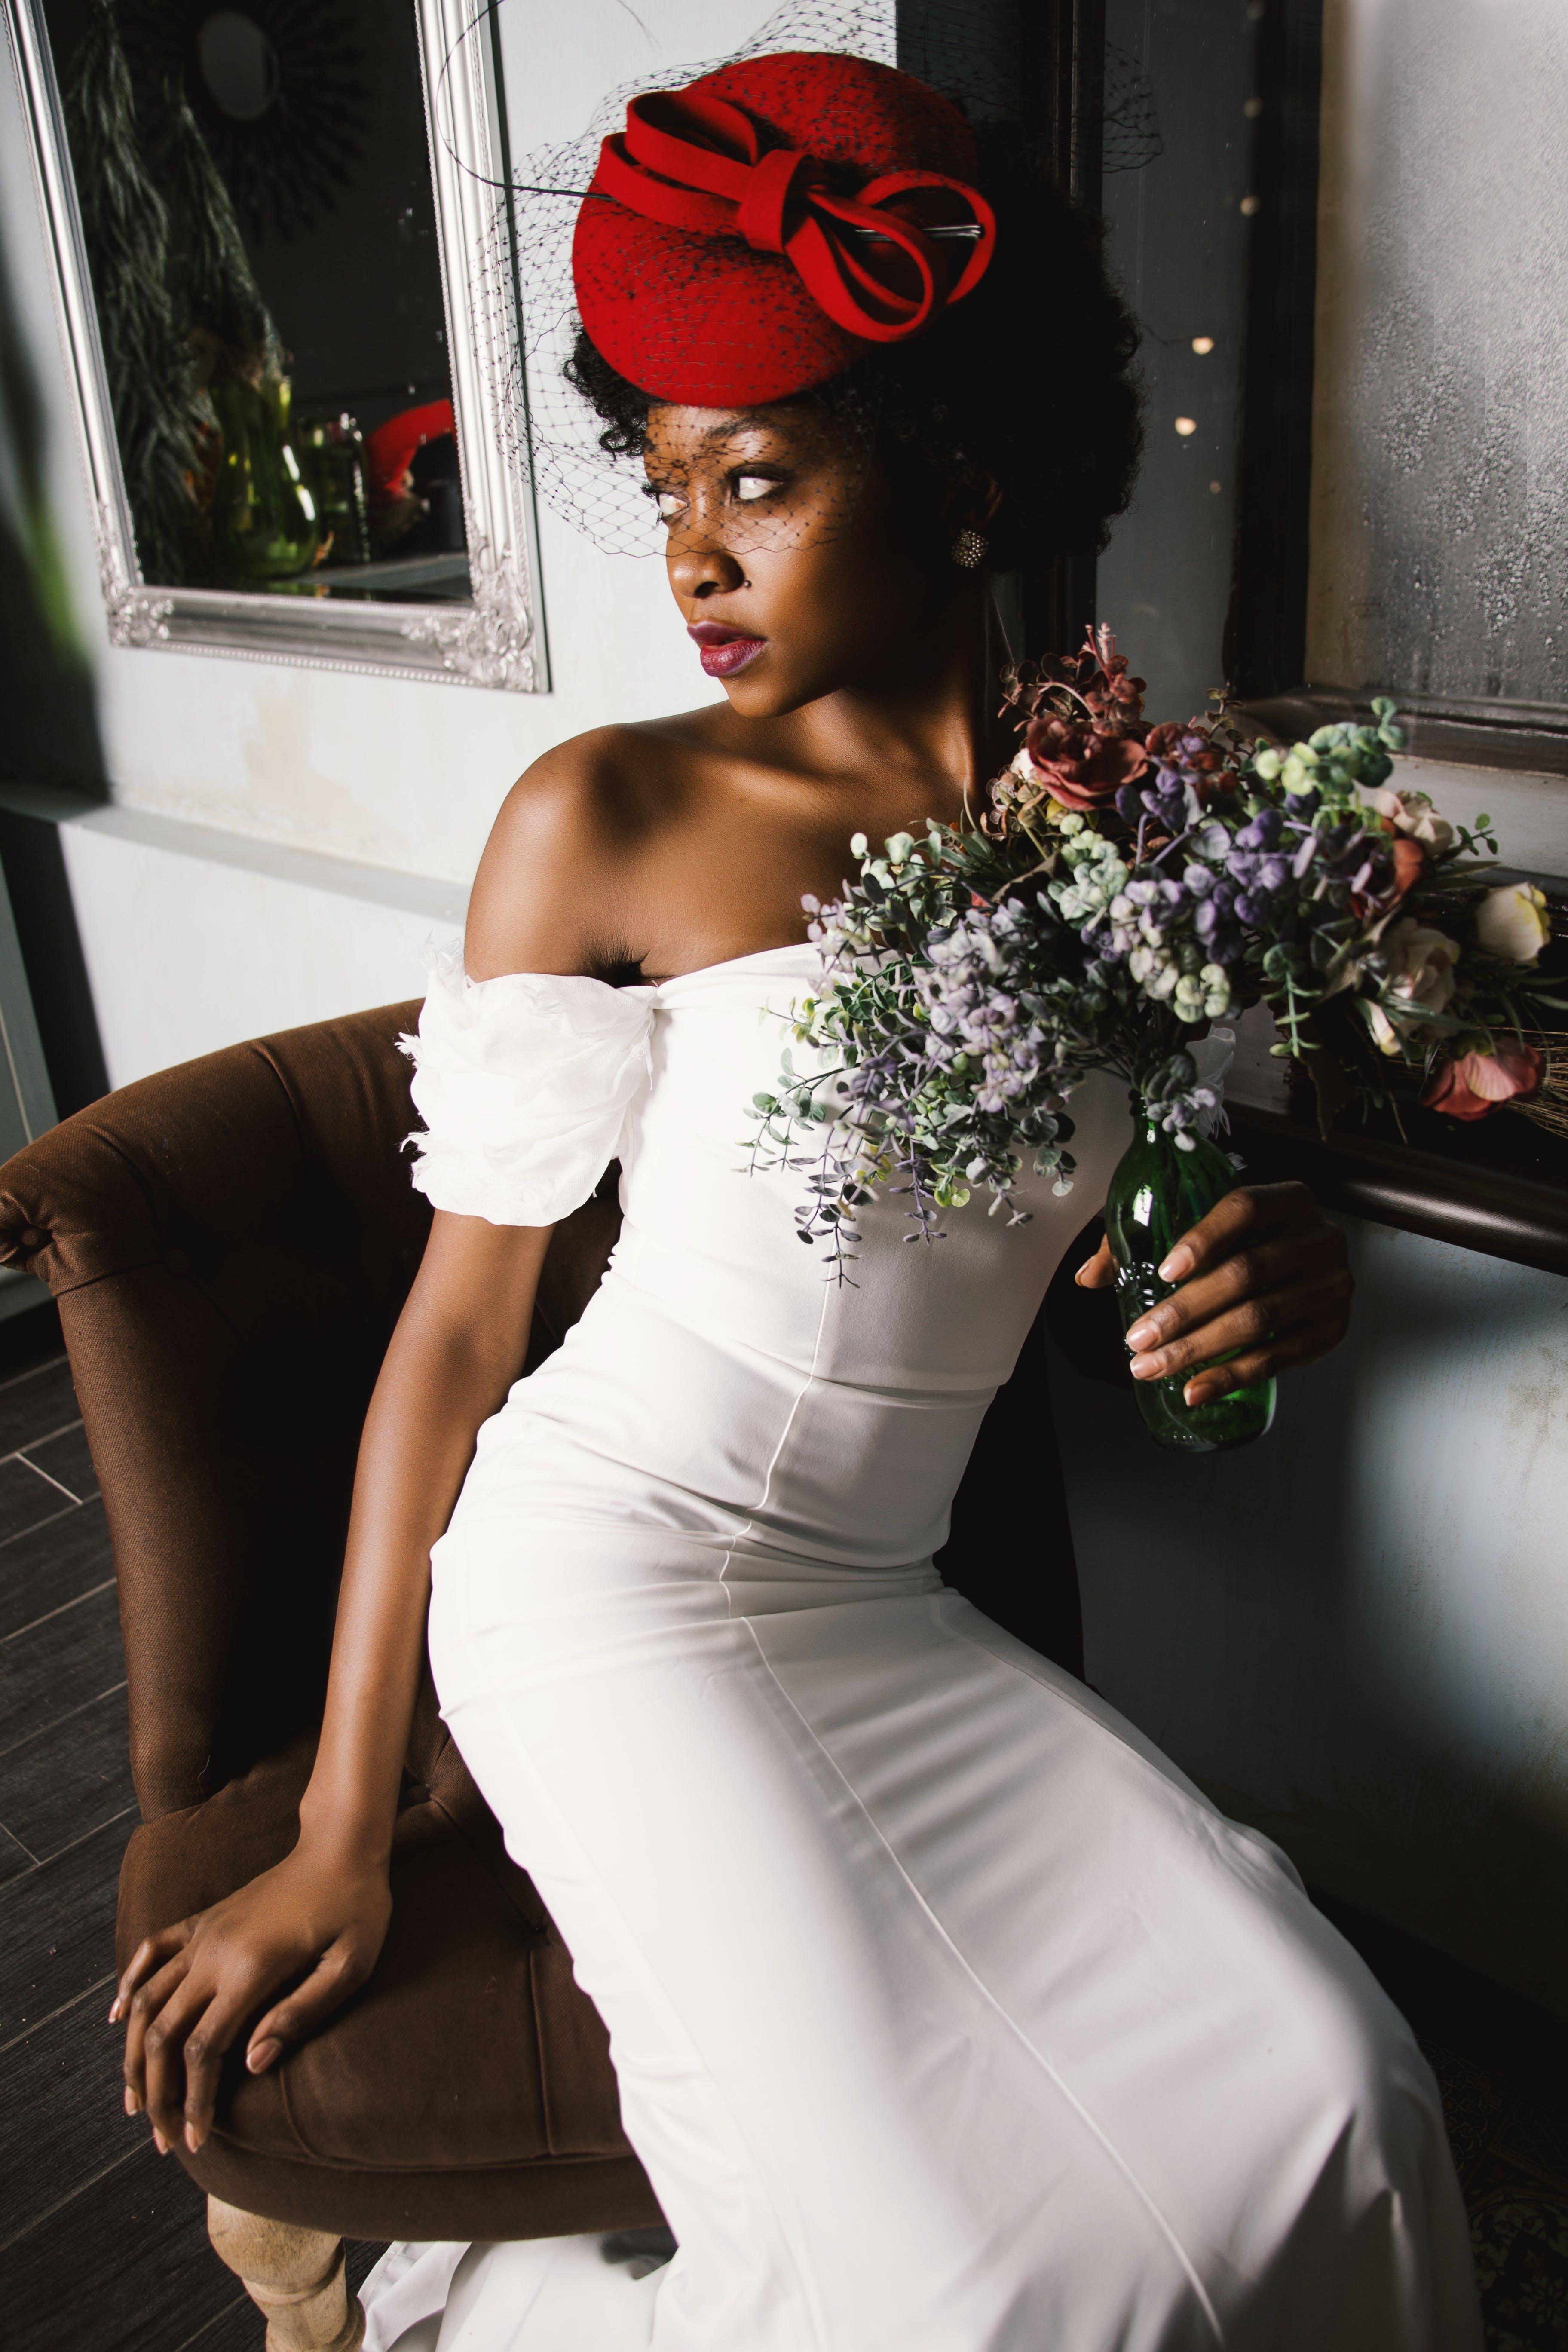 Gratis arkivbilde med afrikansk-amerikansk kvinne, aftenkjole, blomster, brud